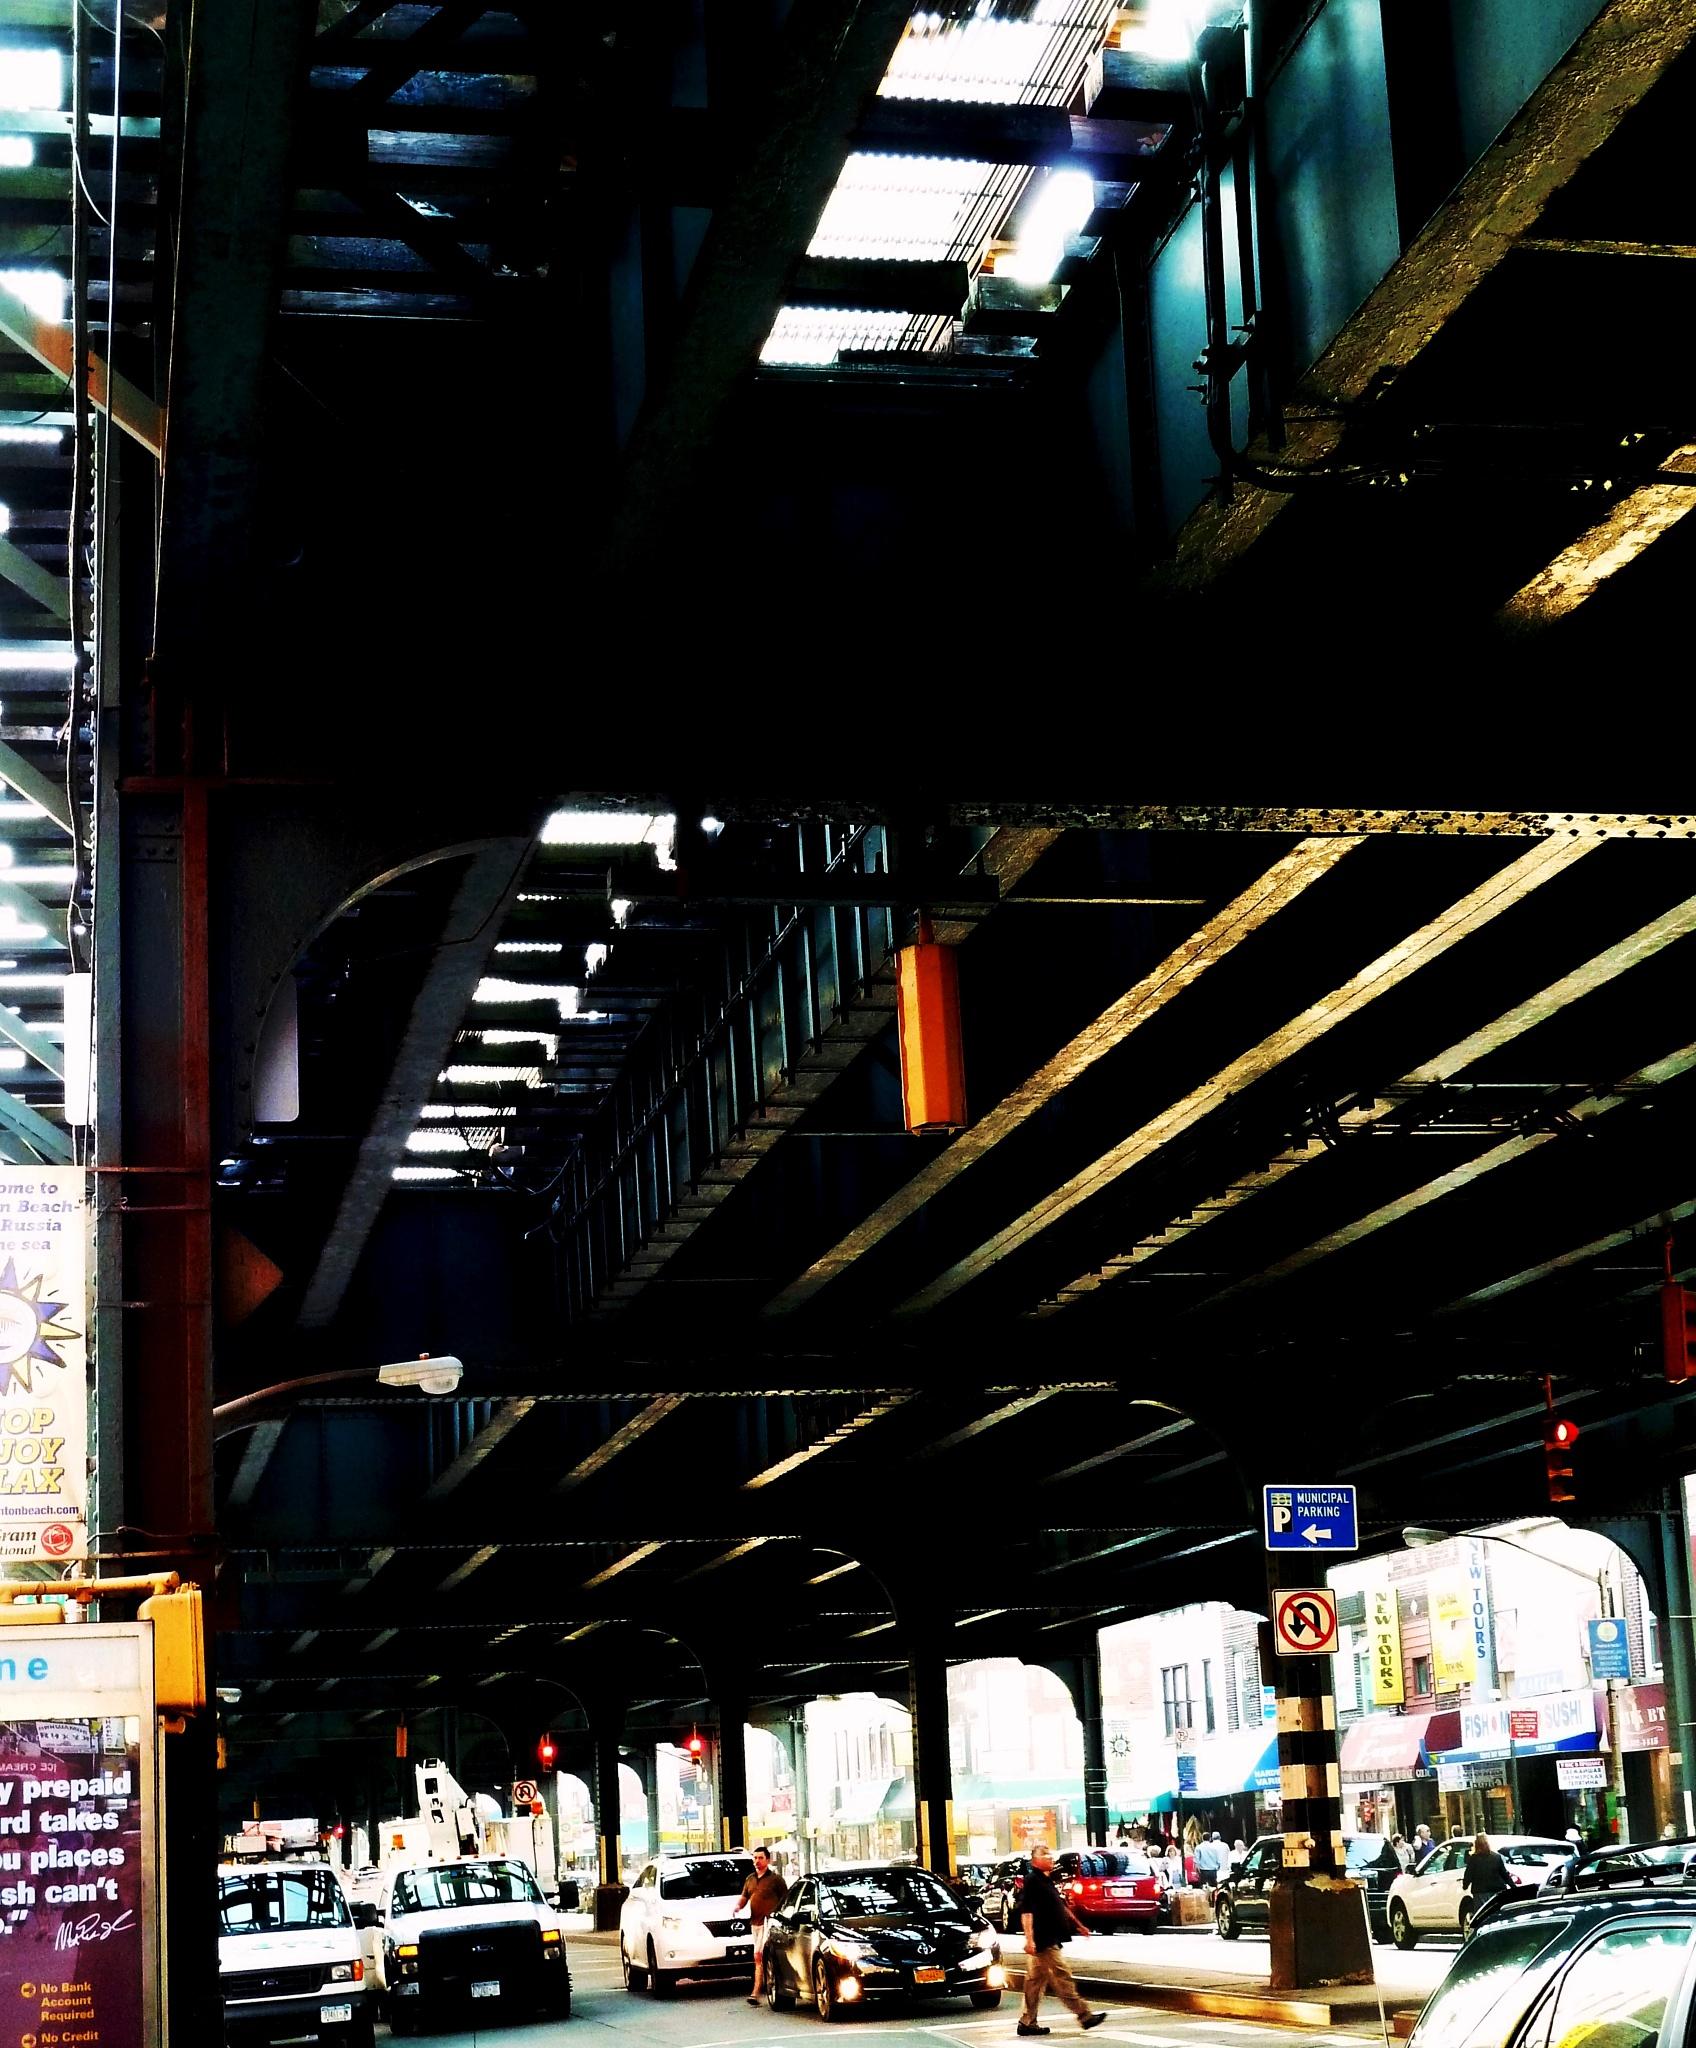 Under the El (2). Brighton Beach/Coney Island, NYC by Anton Agalbato